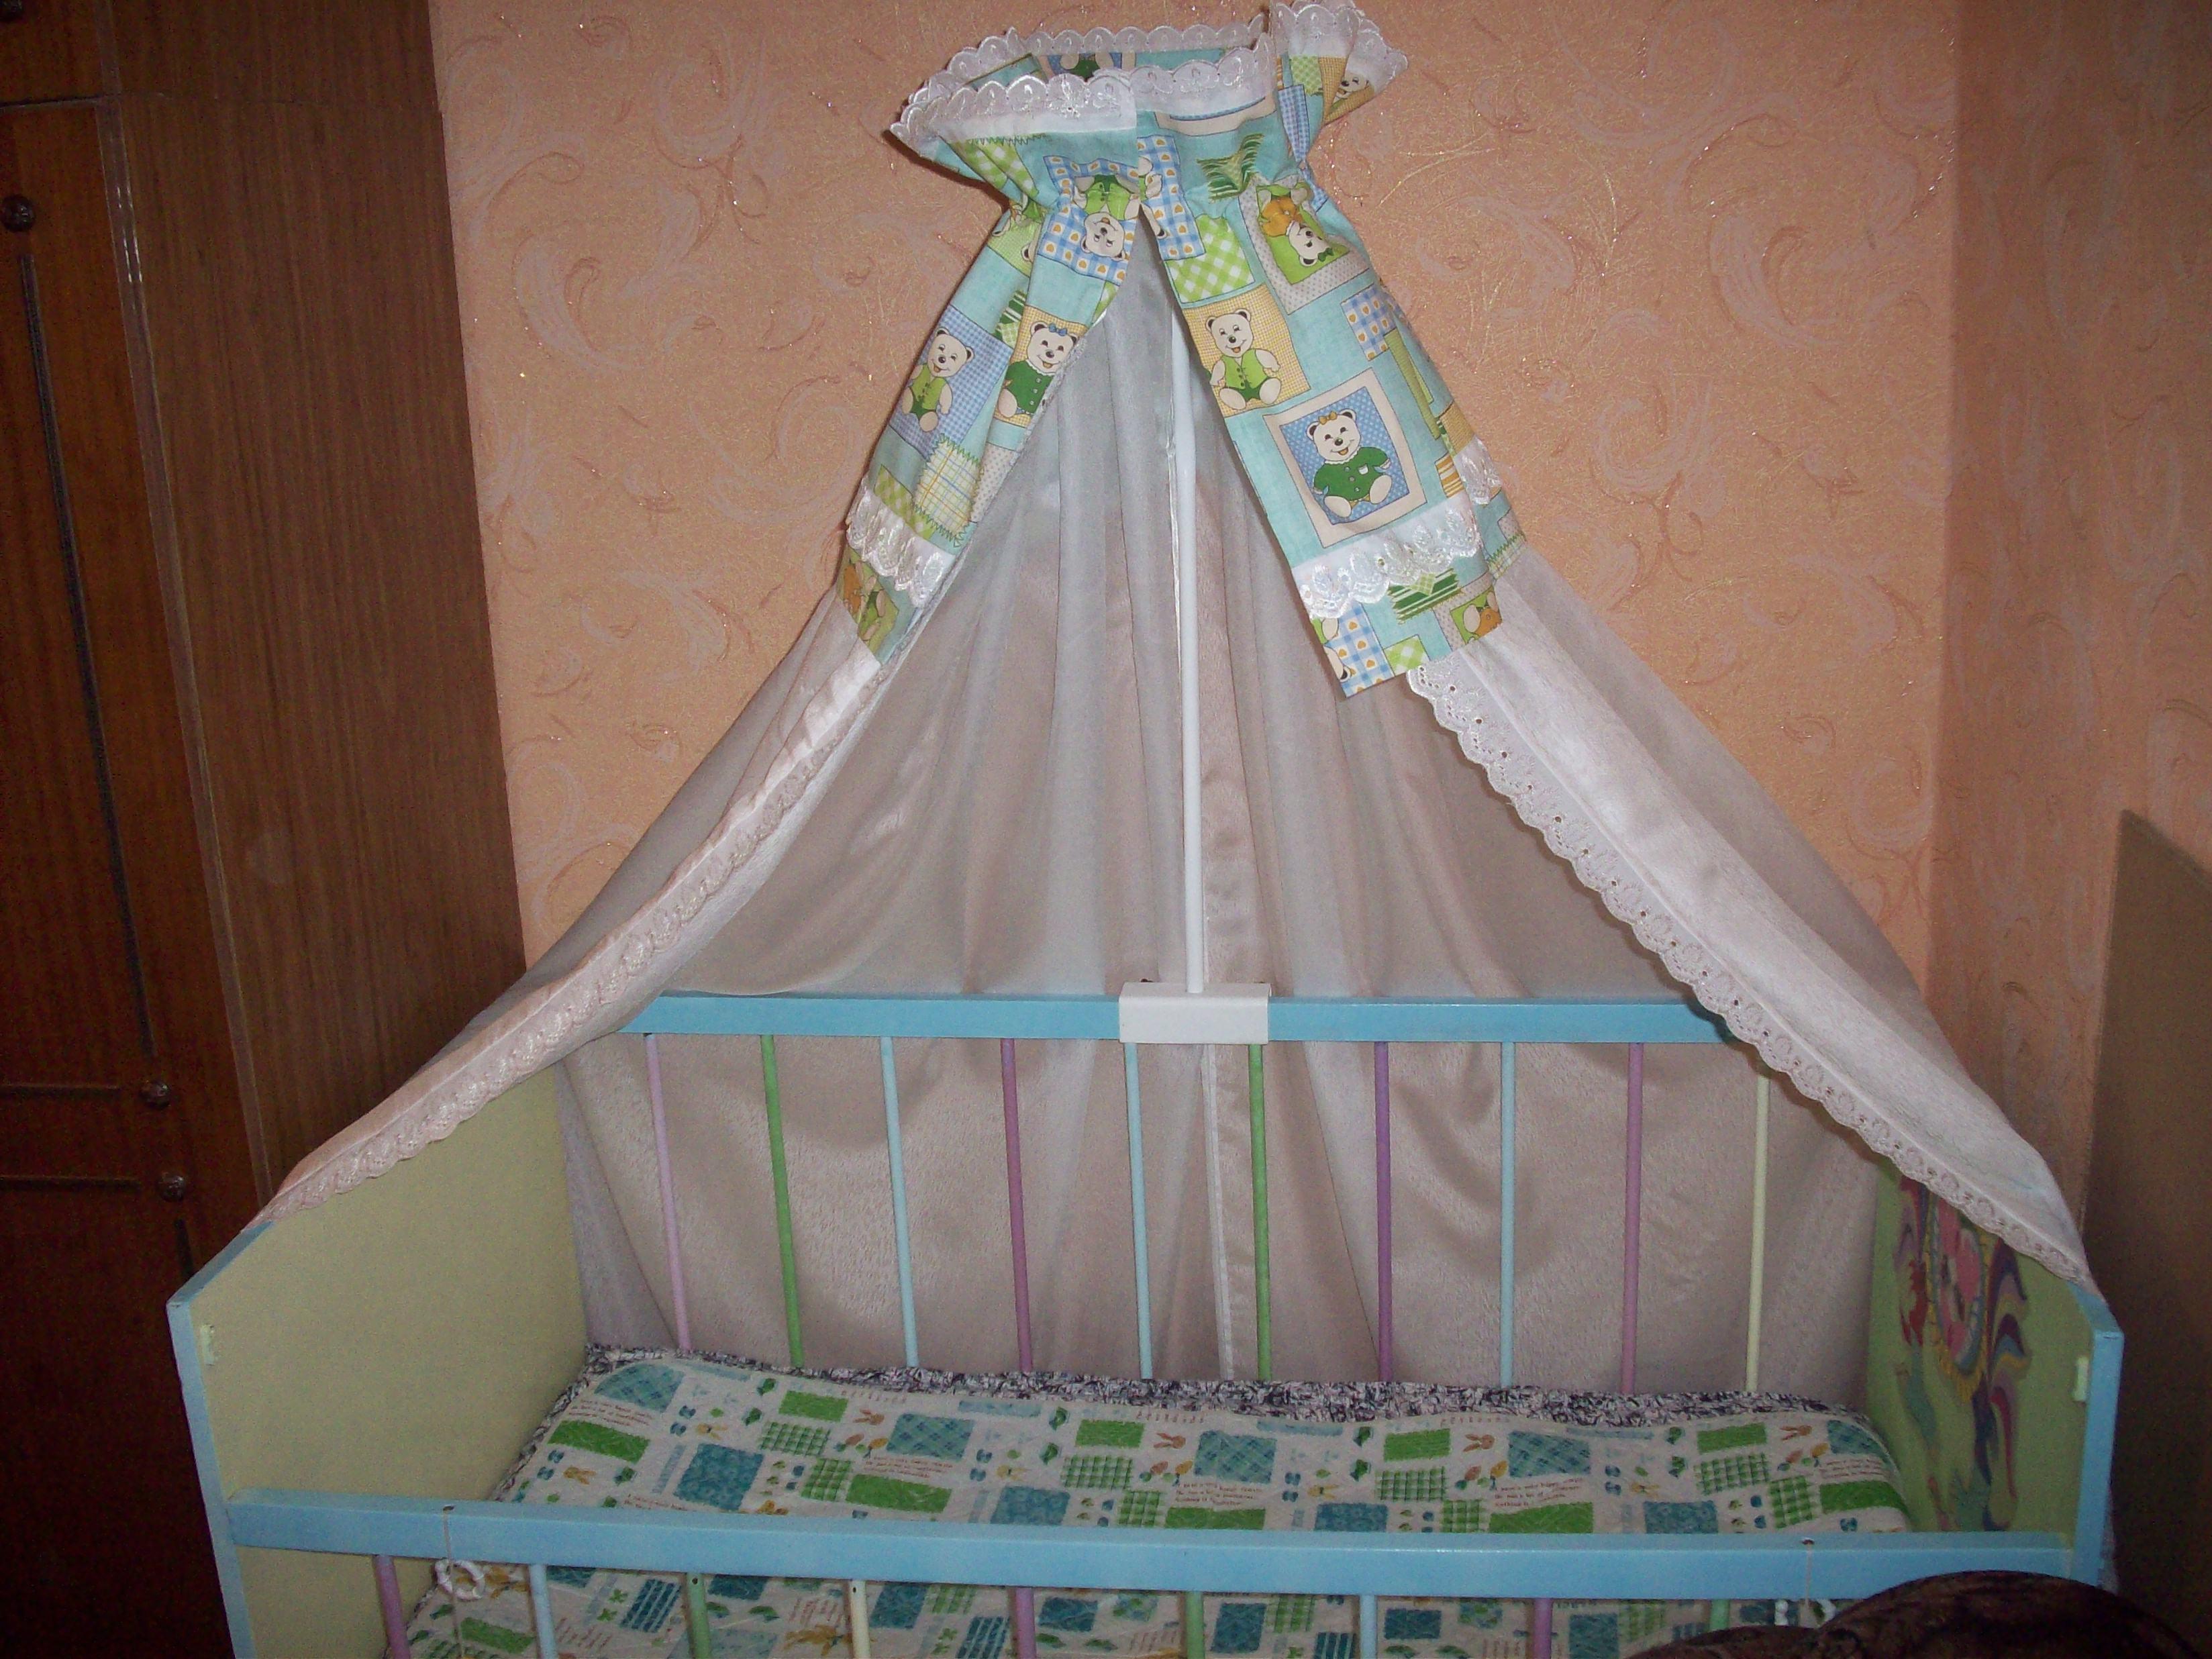 Выкройка балдахина на детскую кроватку своими руками пошагово